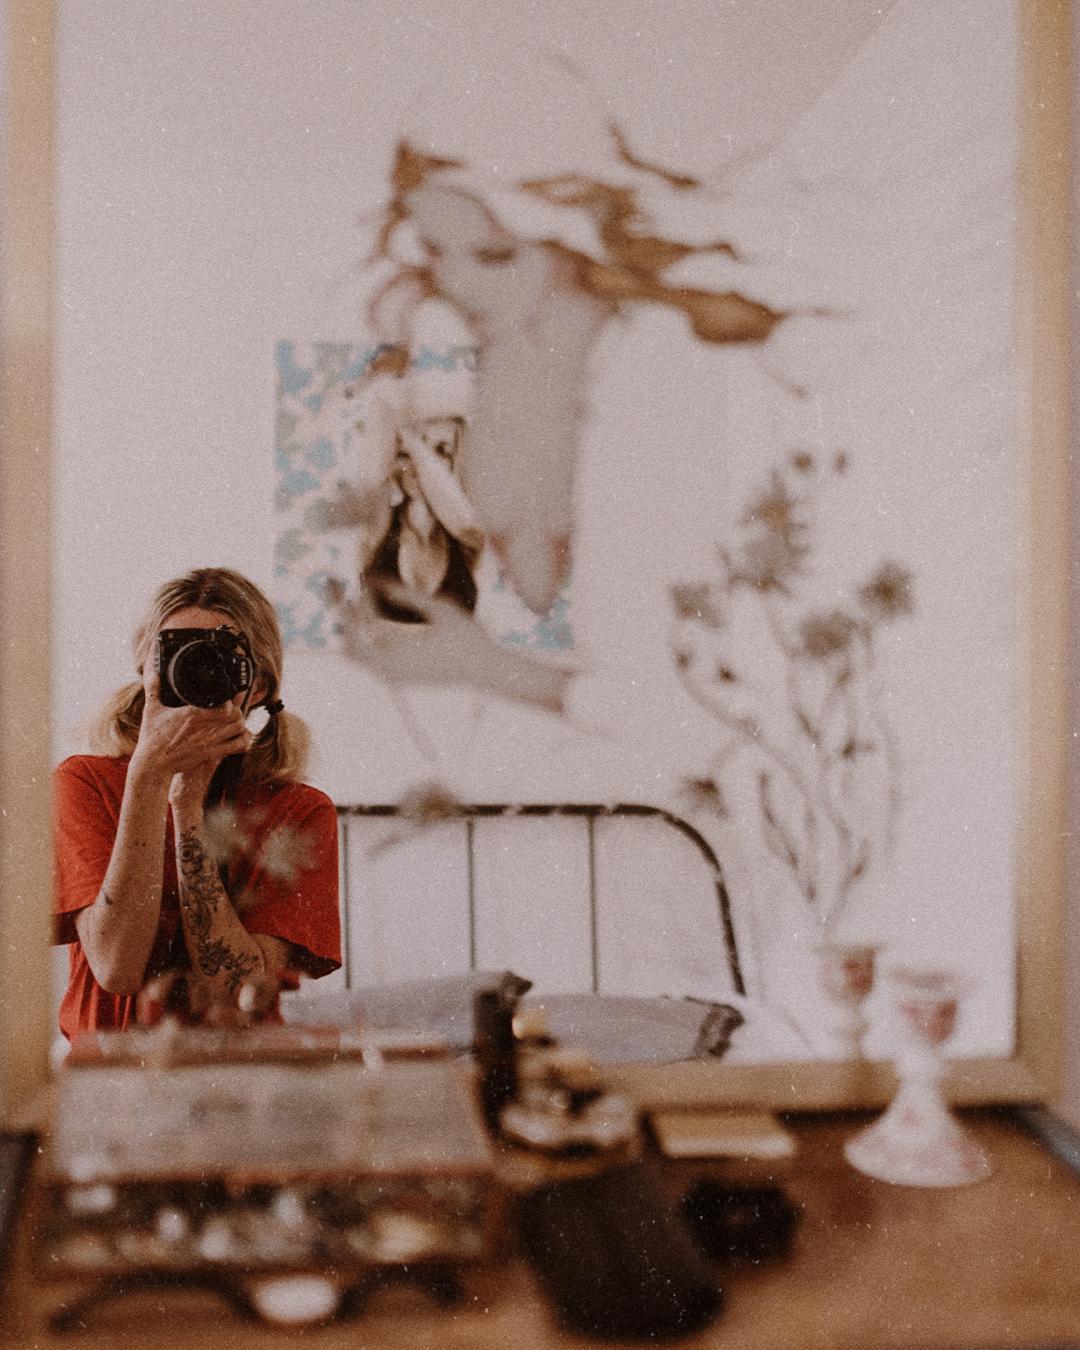 Drömmare, innovatör eller skapare – vilken kreativ personlighet har du?